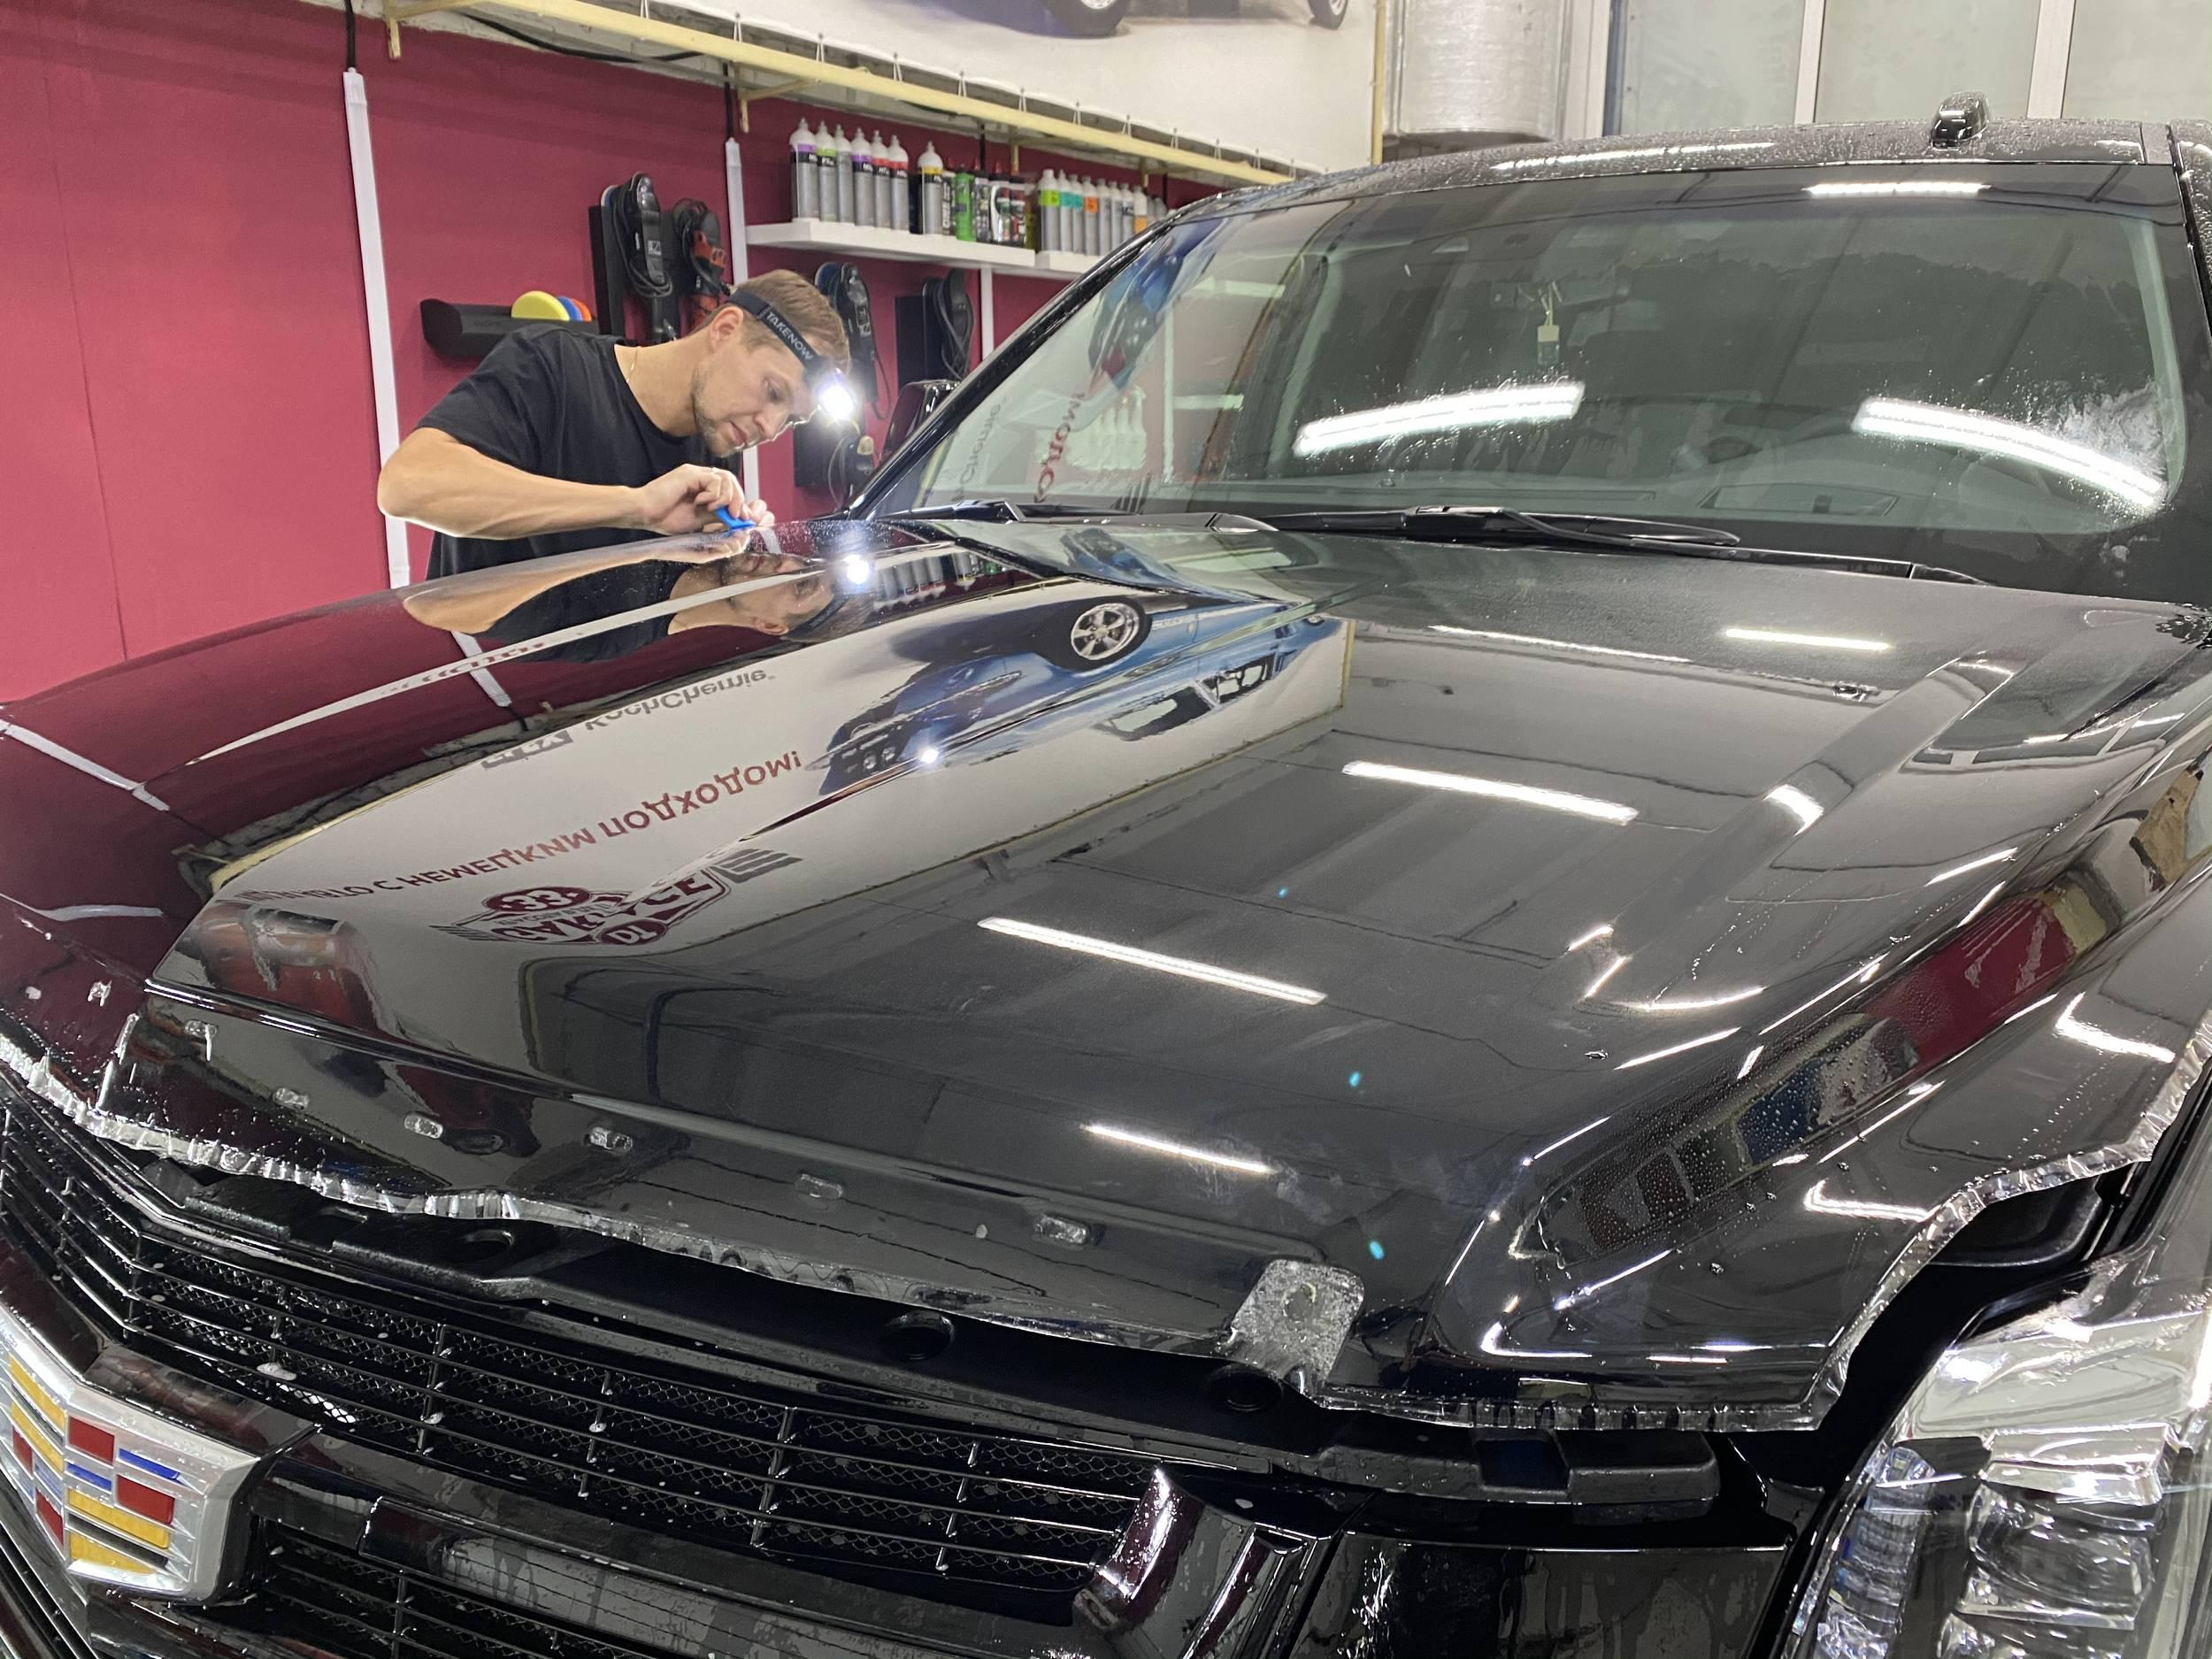 На фото крупным планом капот автомобиля Cadillac Escalade. Деталь оклеена пленкой PremiumShield.